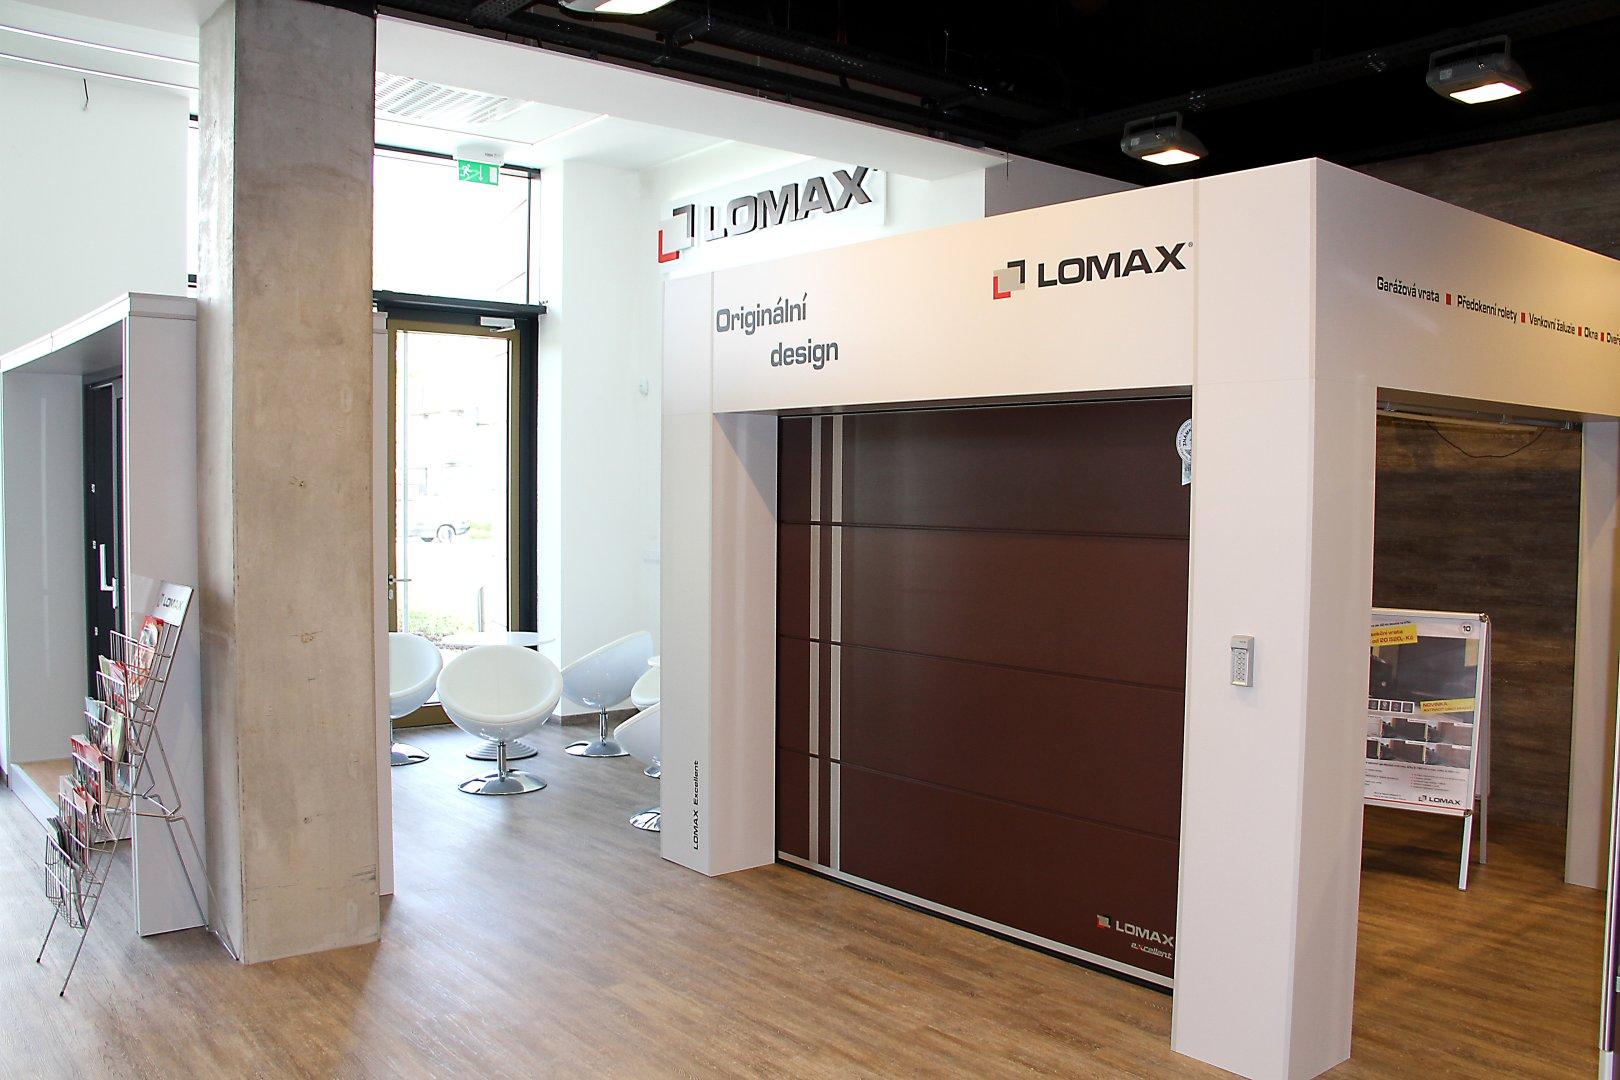 Vchodové hliníkové dveře LOMAX Aktiv 77 slide 3